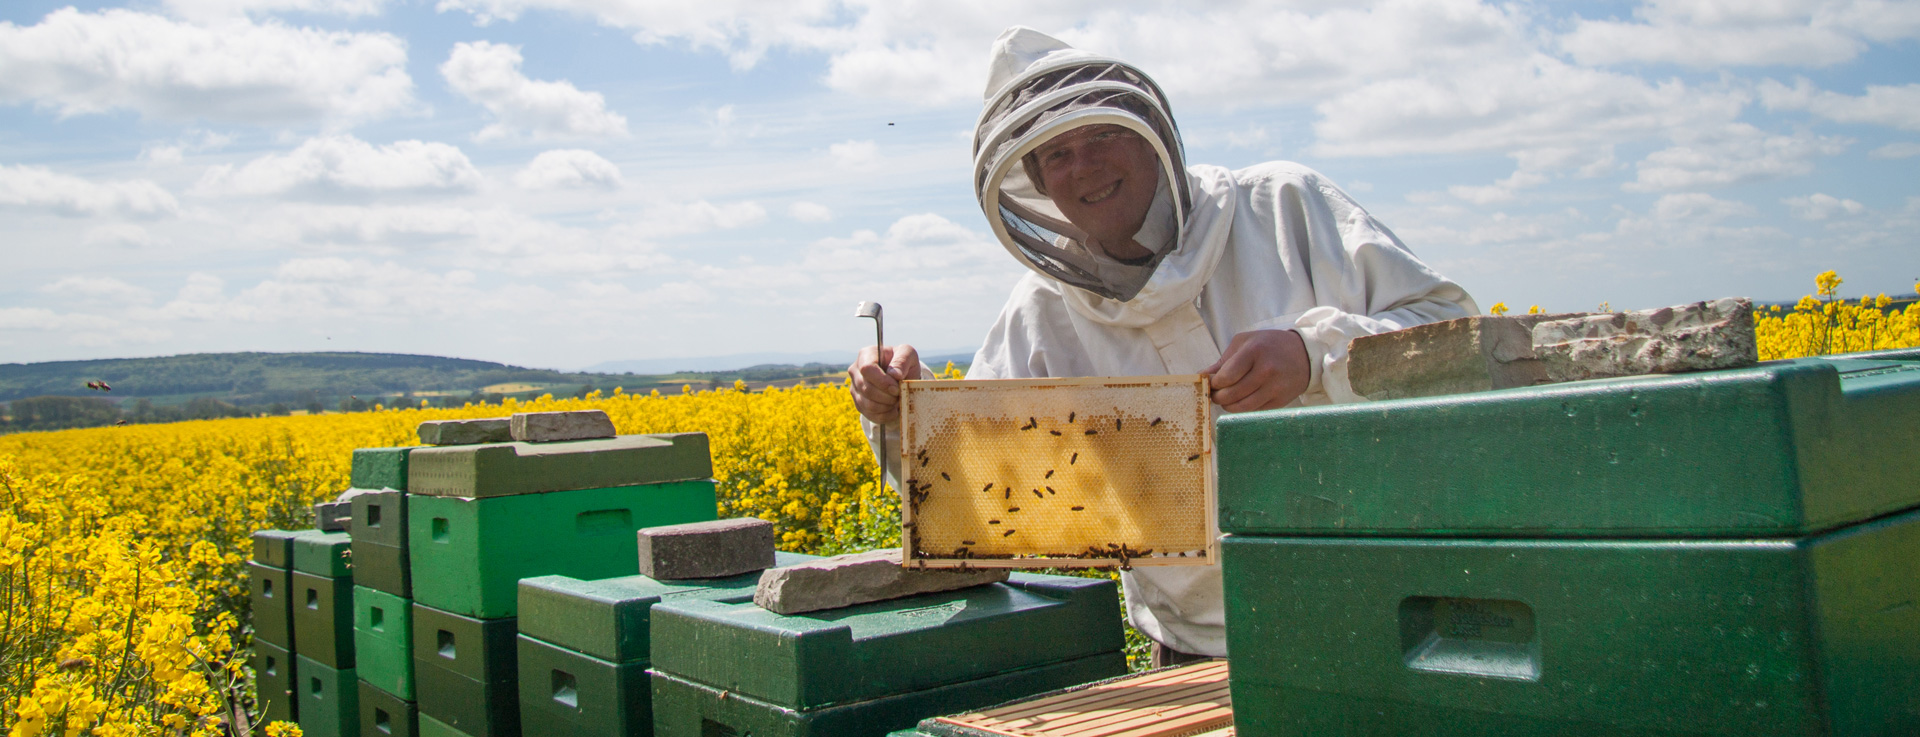 Unsere Bienen im Raps